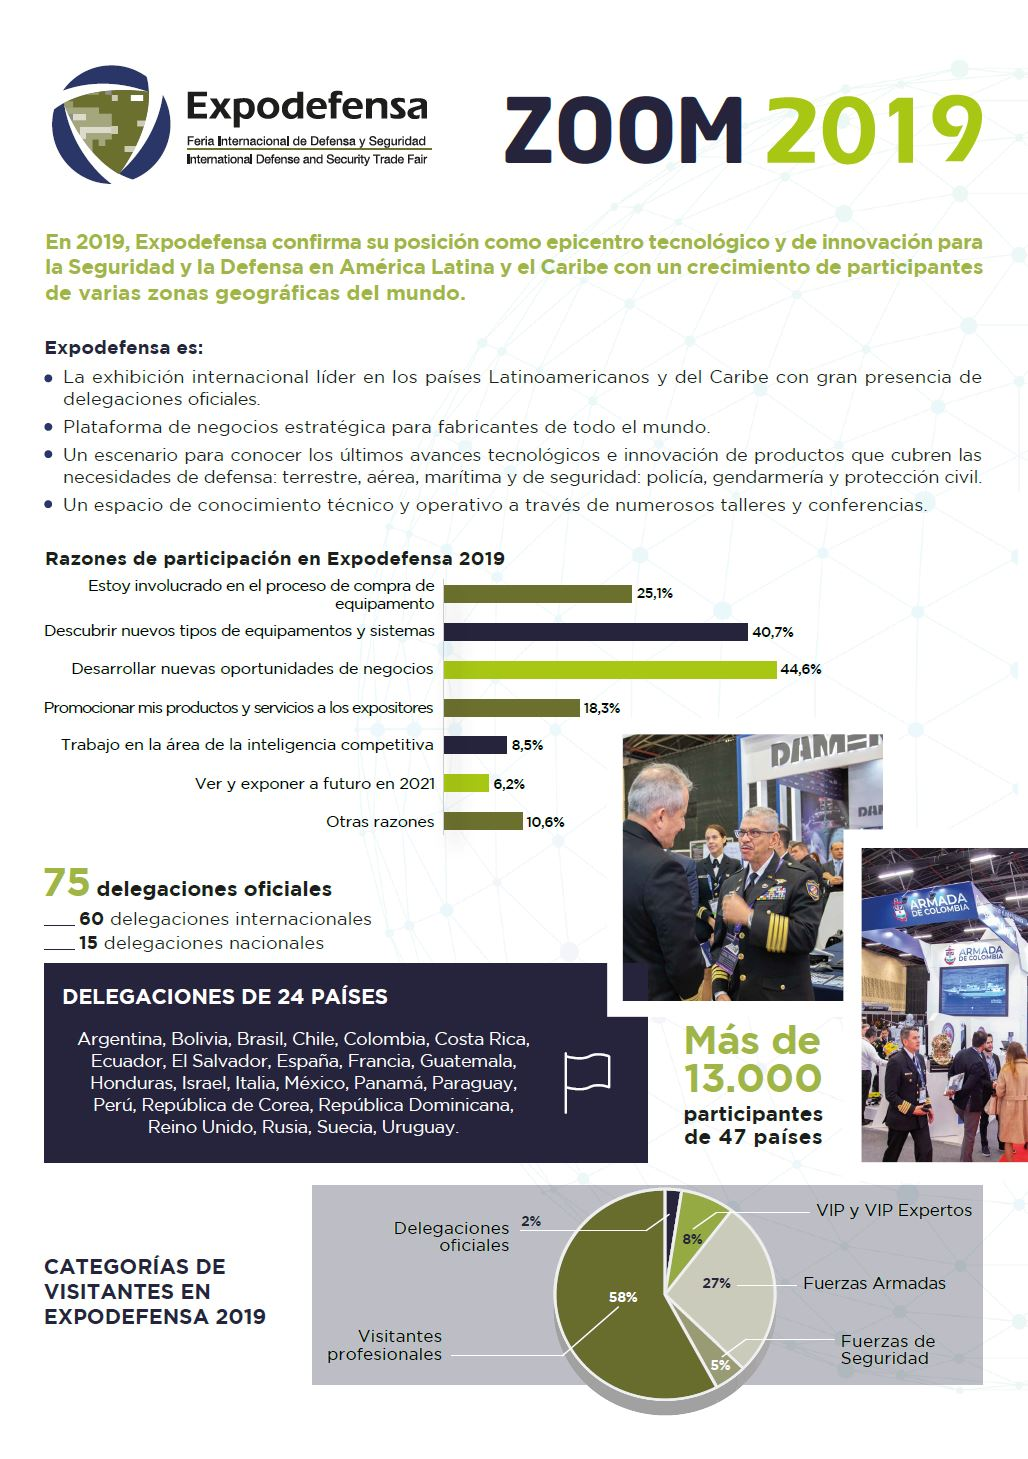 Expodefensa 2019 - balance